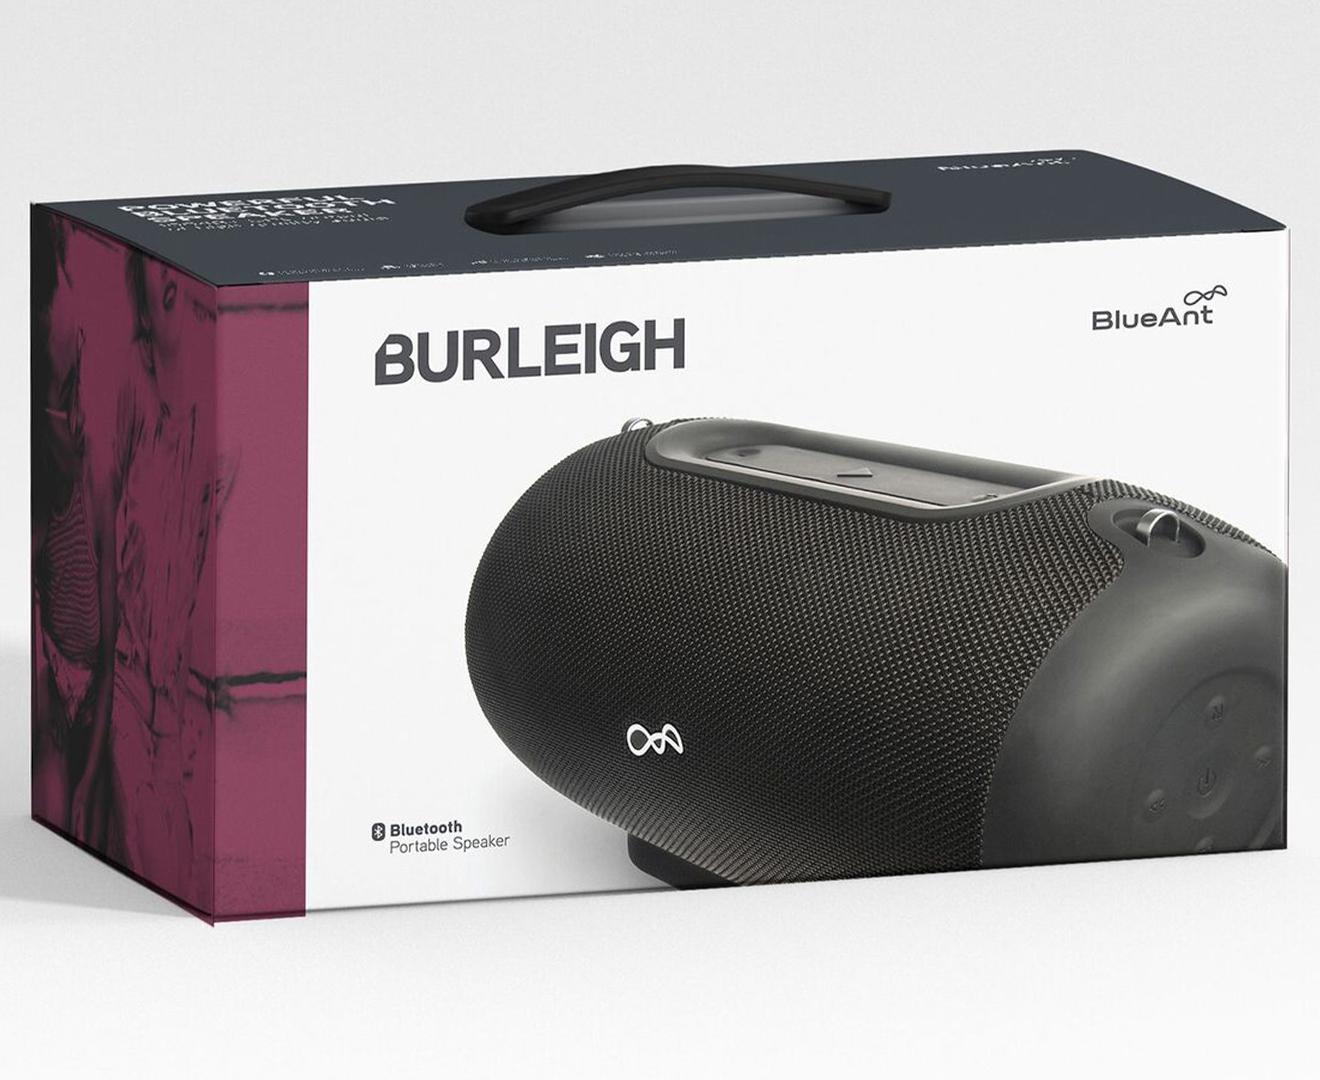 BlueAnt Burleigh Portable Music Speaker - Black